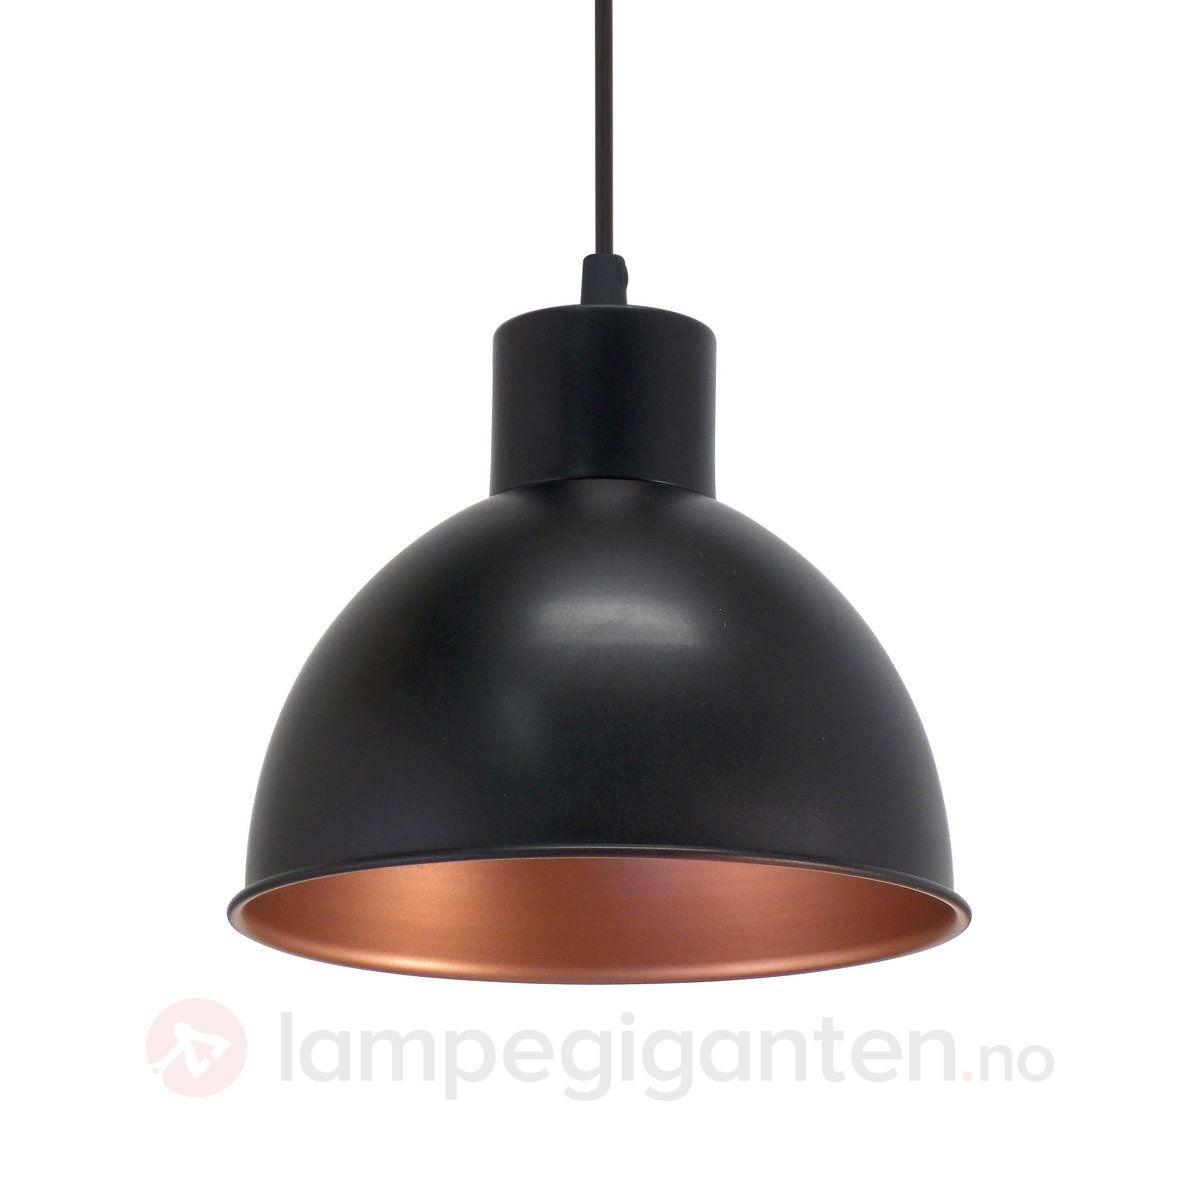 Svart Hengelampe Andrin Innvendig Kobber 3031601 Hengelampe Taklampe Taklamper